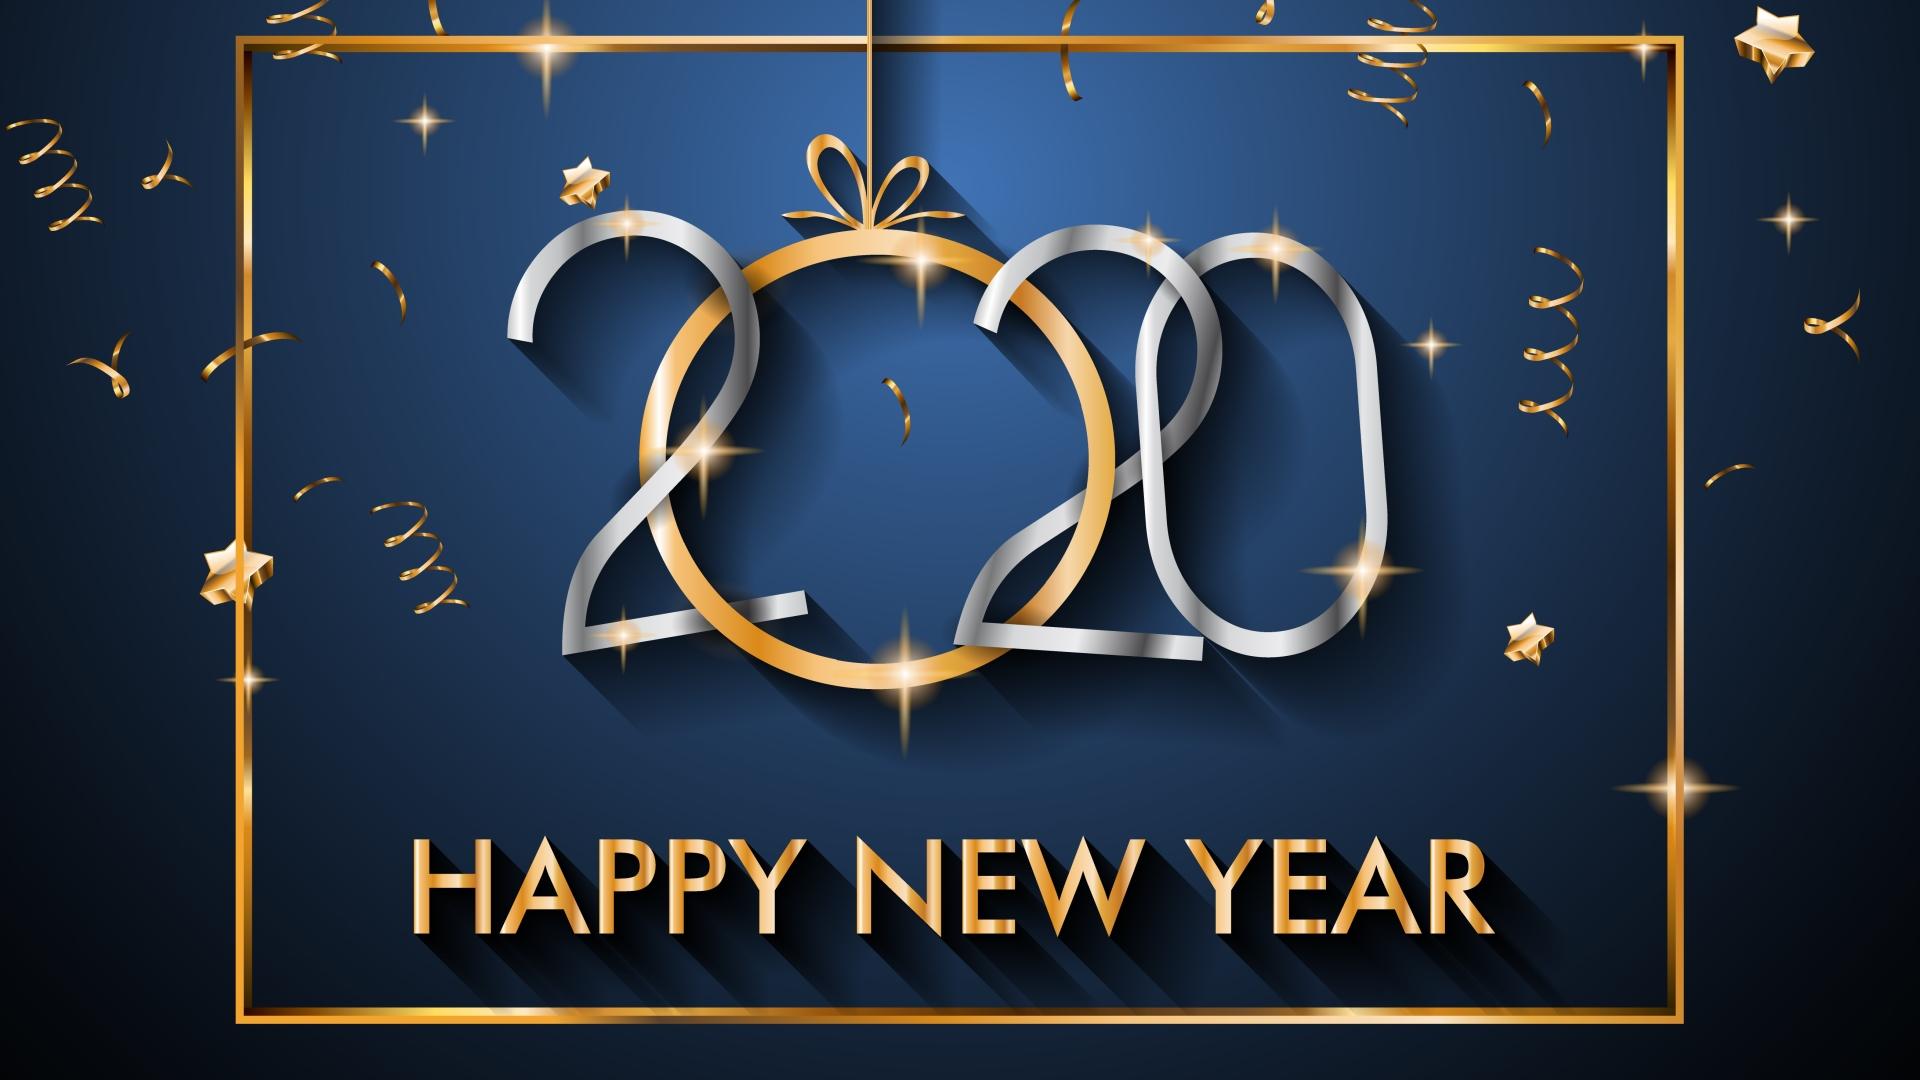 Ảnh nền chúc mừng năm mới 2020 full HD